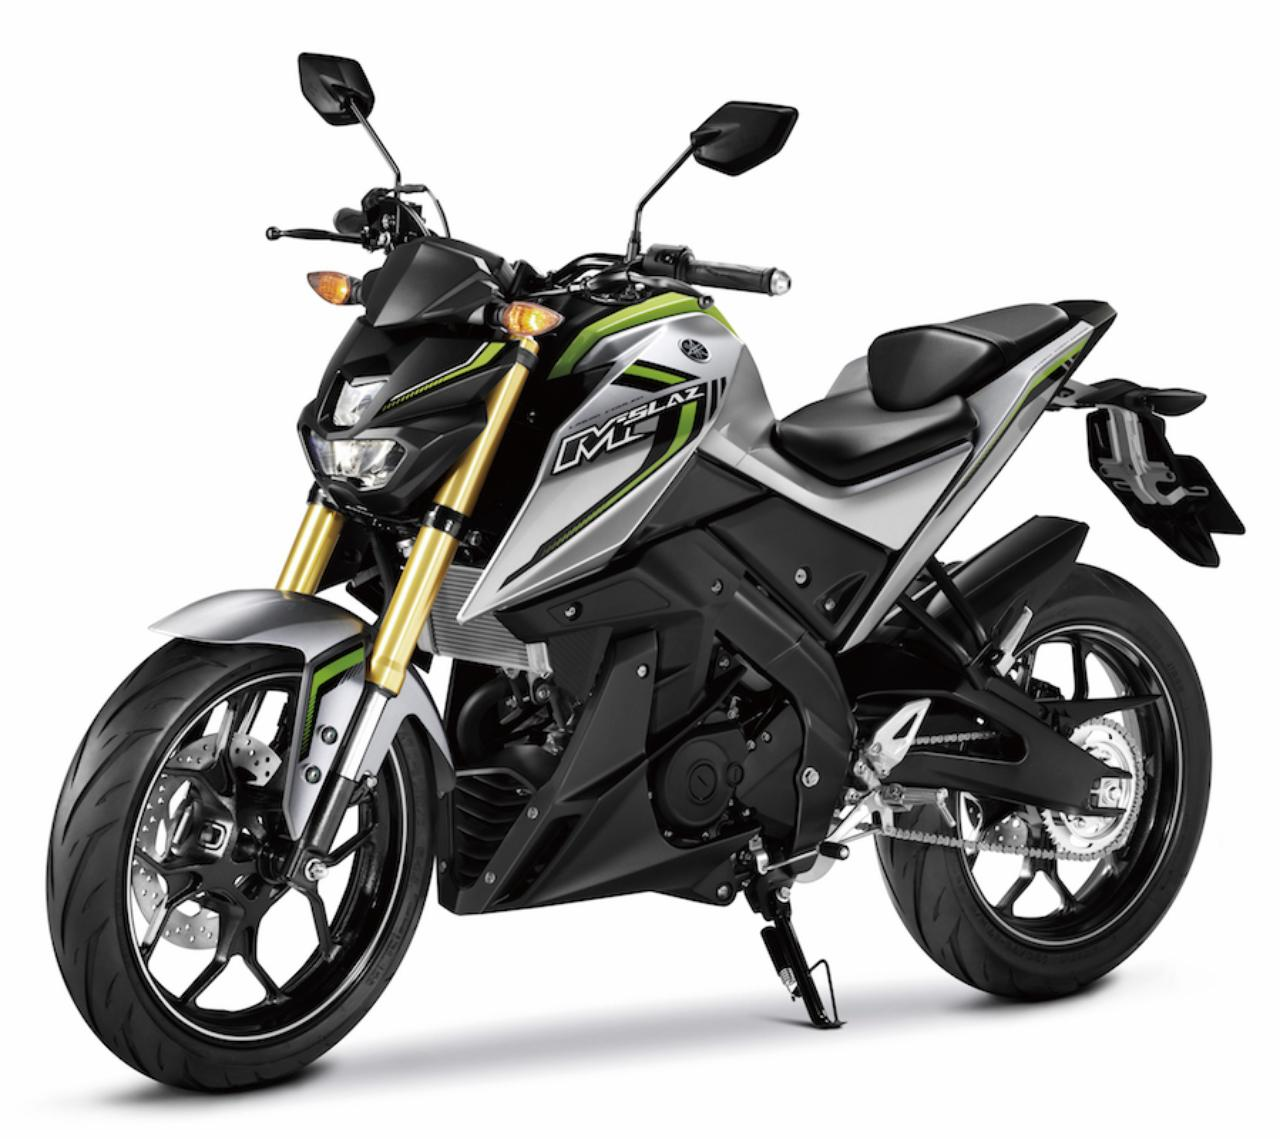 画像: Y027 YAMAHA M-SLAZ ■価格未定 東南アジア向けにヤマハが新開発したM-SLAZ。昨年12月からタイなどで発売をスタートした150ccスポーツモデルで、初心者も気軽に楽しめるような扱いやすさと実用性を追求している。